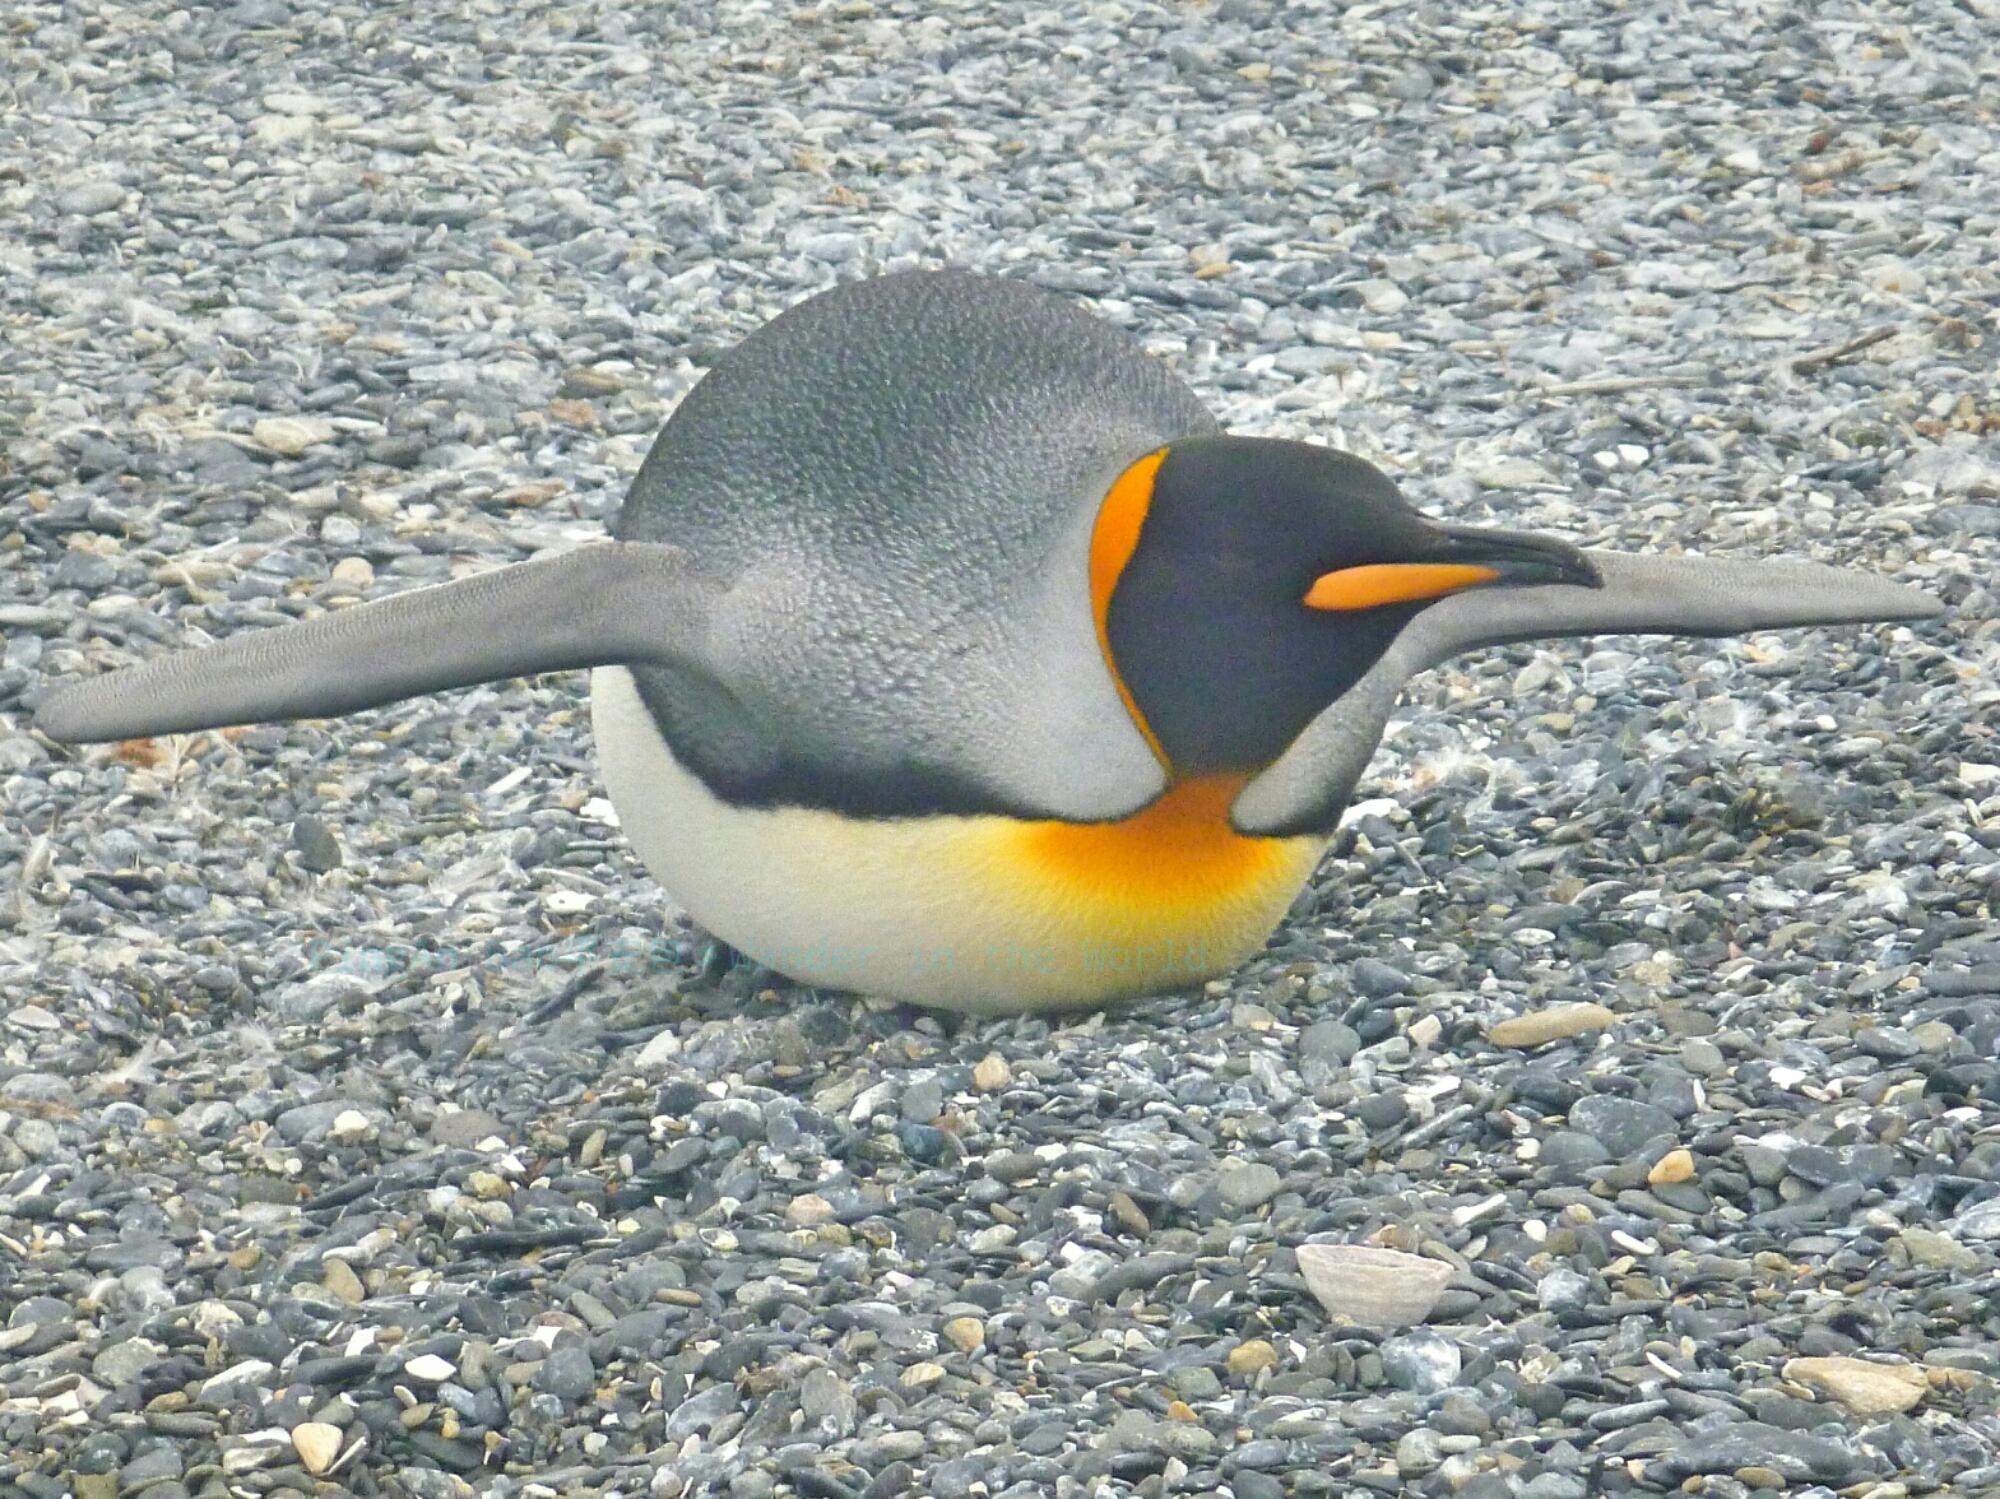 南極行-2016/2/24~3/5 之七 – 最終章/後記 | PíngĀn Bāo環遊世界中的平安包